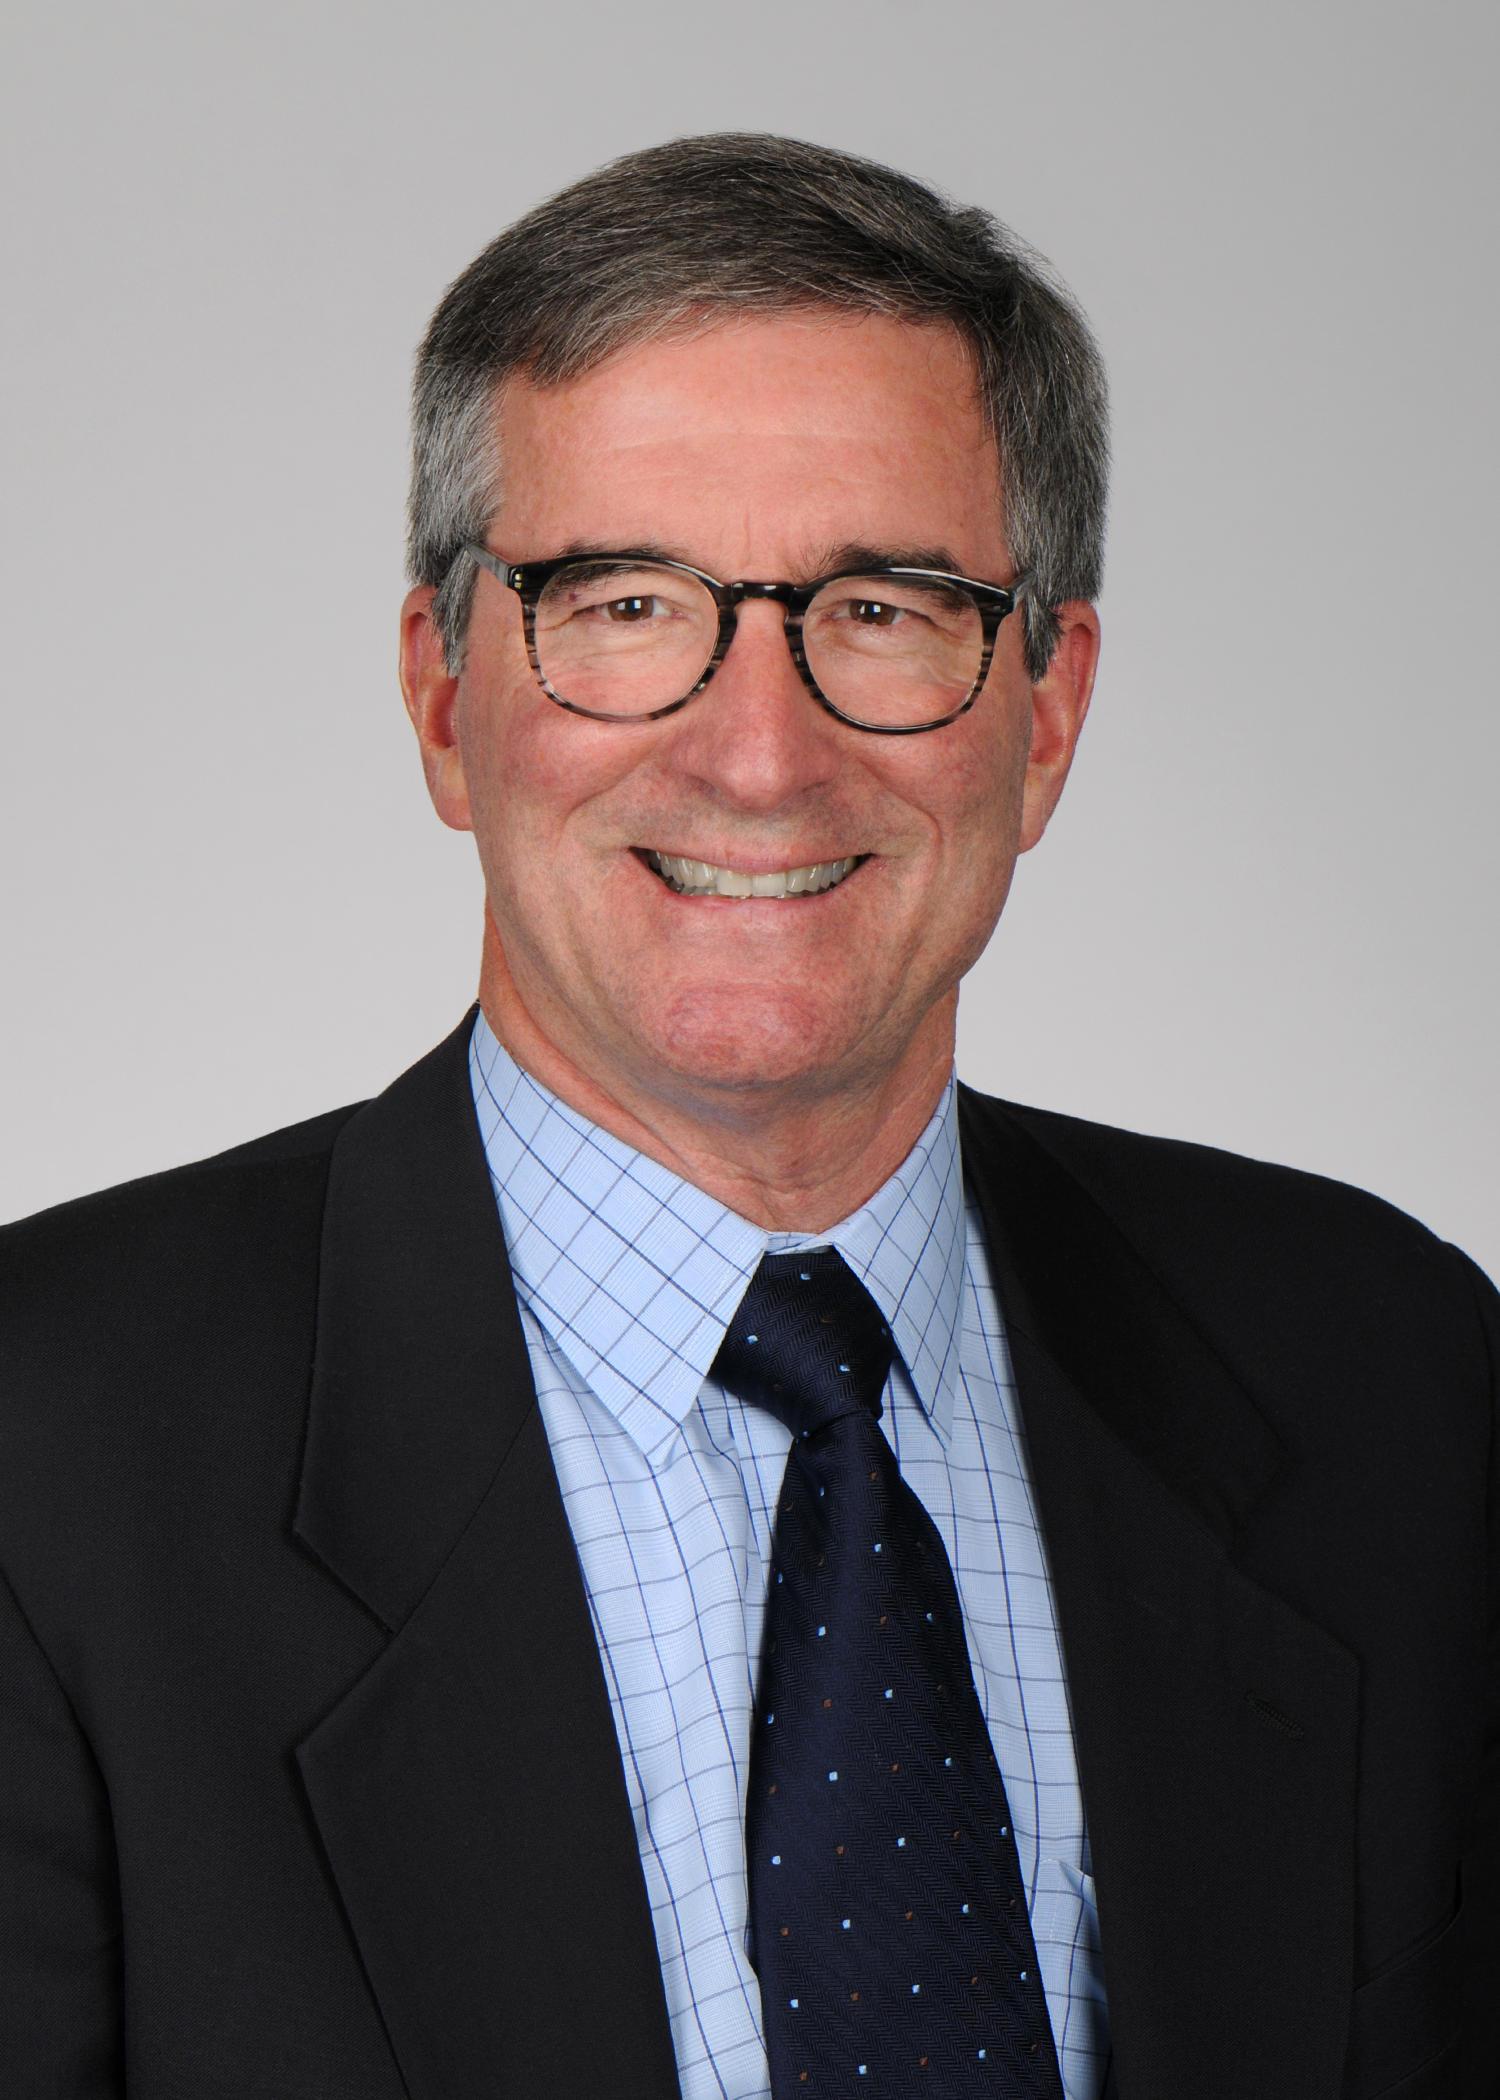 David Soper